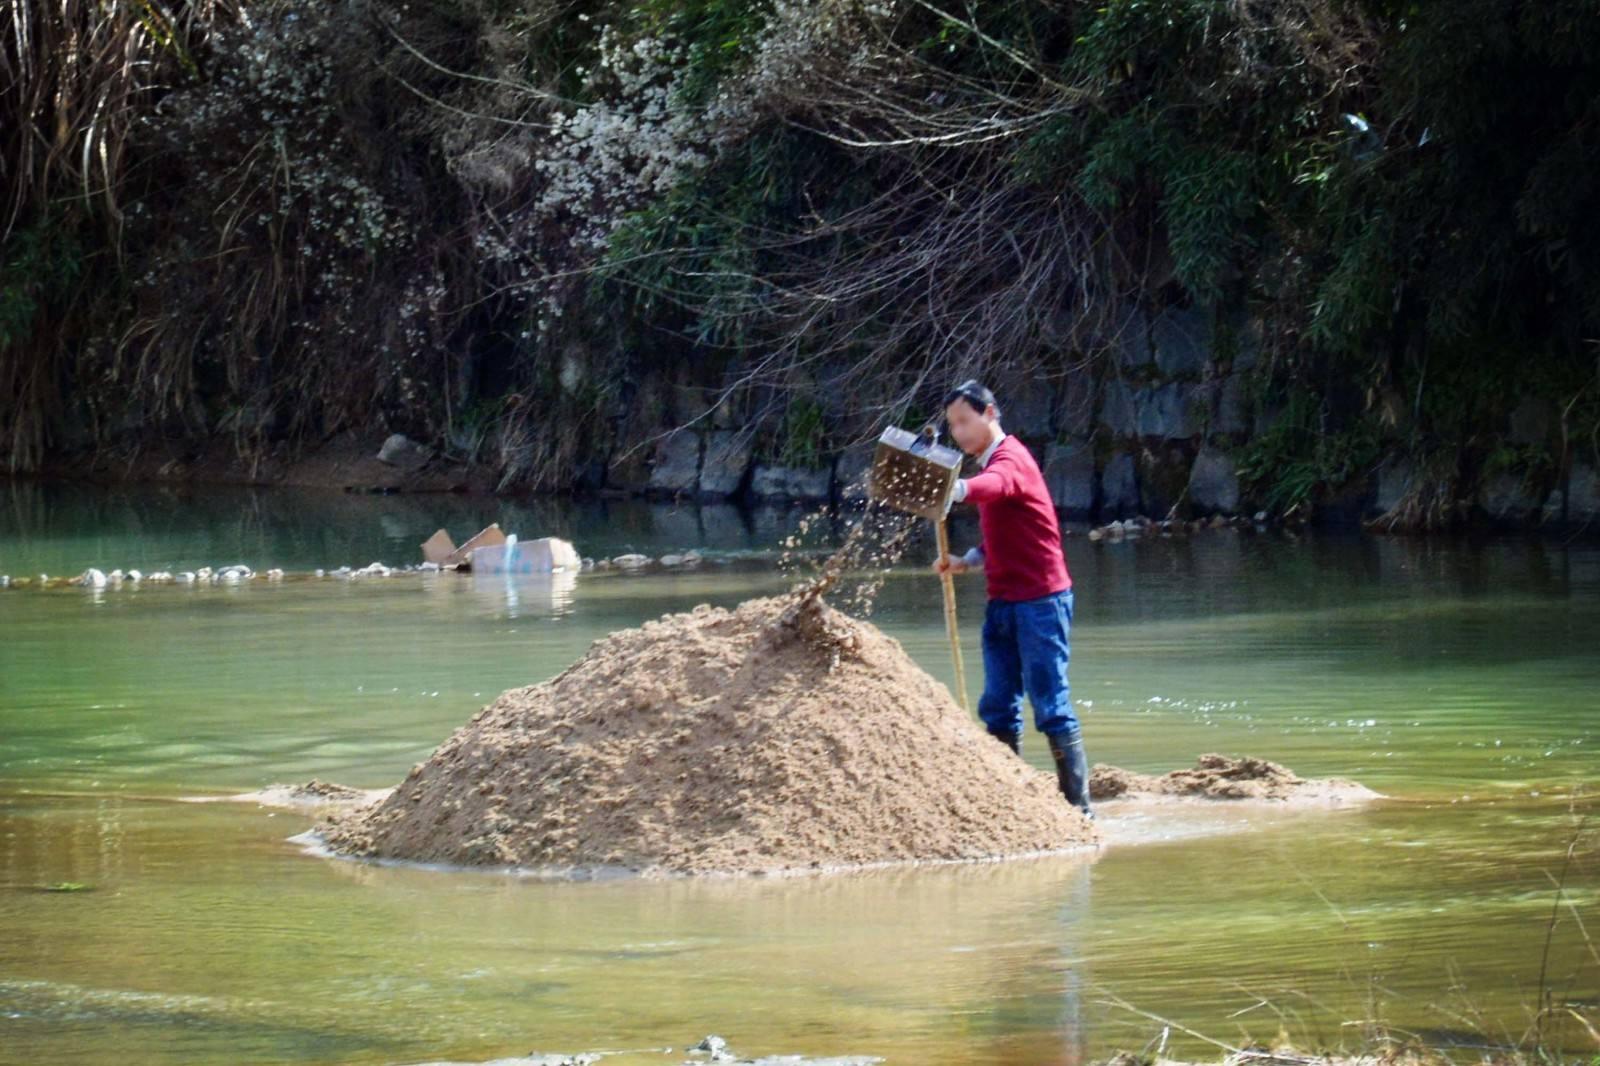 申請經營河道撈沙需要什么前置許可?